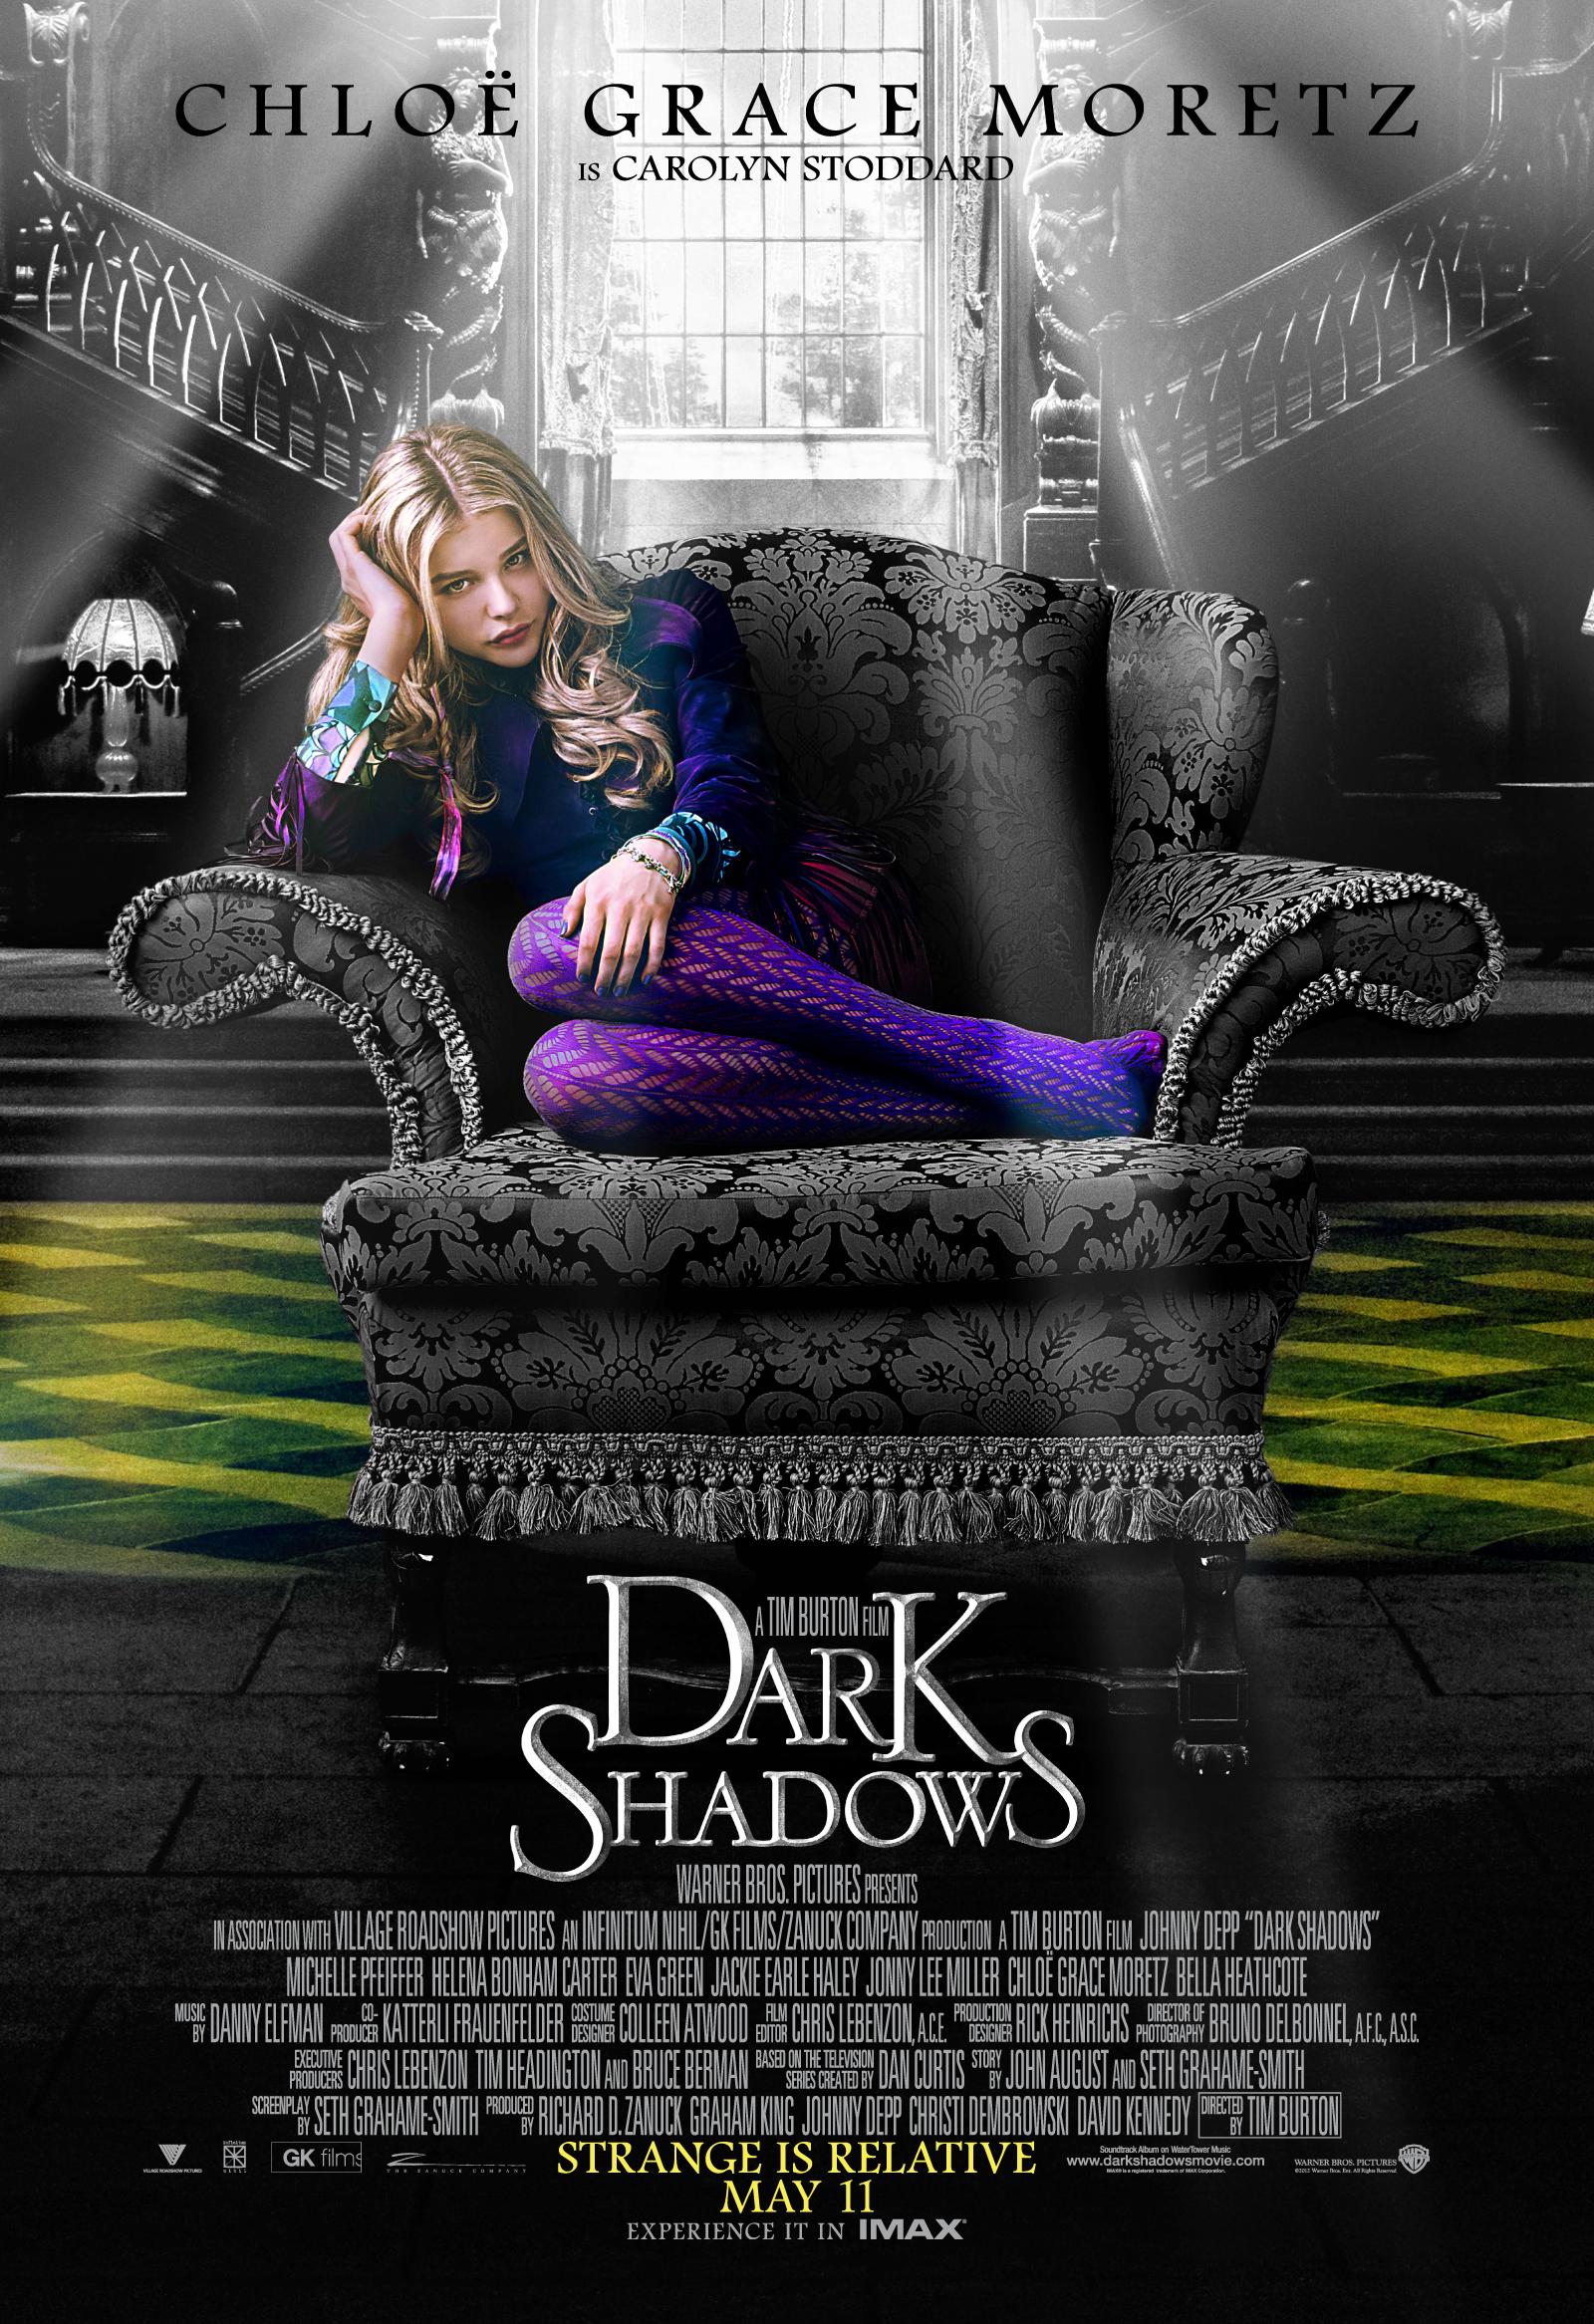 darkshadowsnewcm.jpg